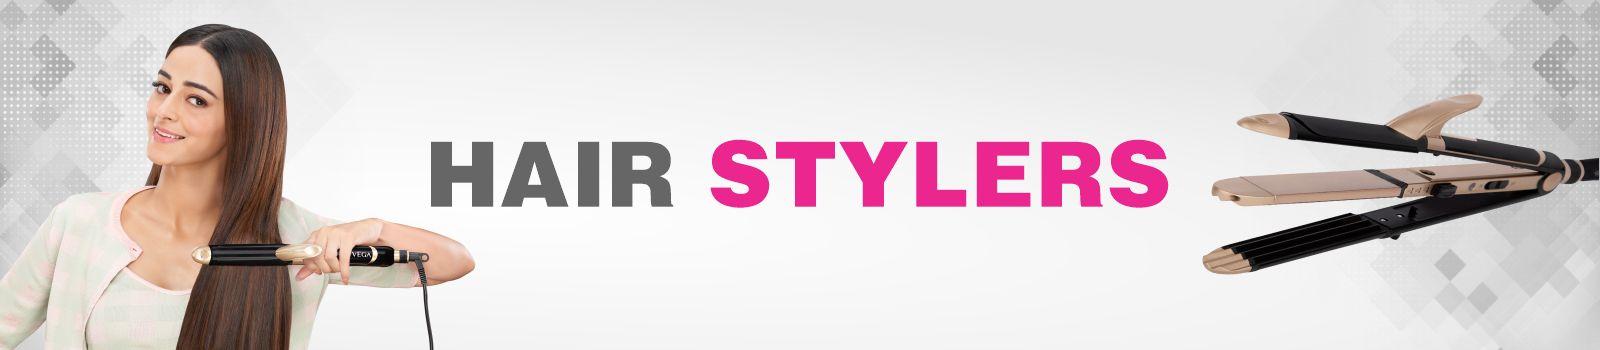 Hair Stylers